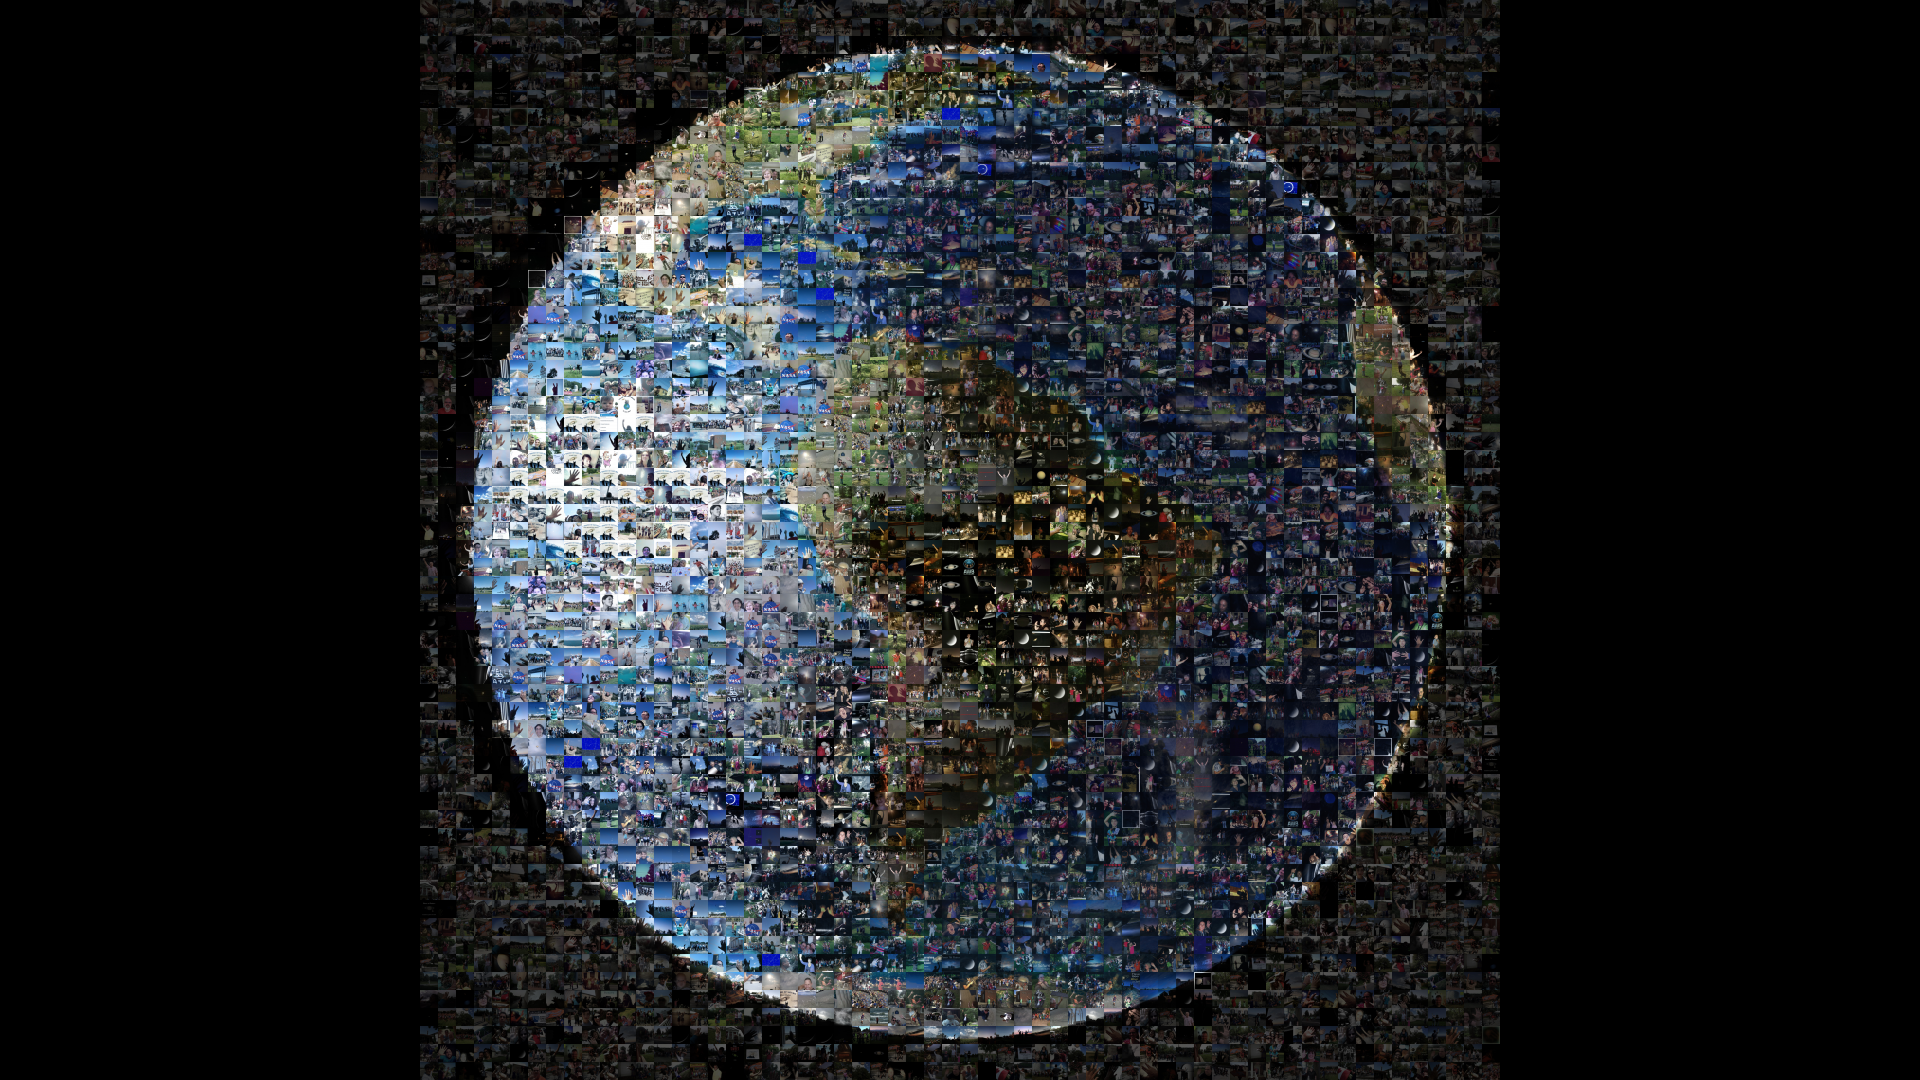 A 19 de Julho de 2013, no mesmo dia em que a Cassini fotografou a Terra, um desafio lançado pela NASA pôs 1400 pessoas de 40 países a partilharem fotografias suas. A NASA reuniu essas fotografias numa imagem composta que recria a Terra. É uma forma de dizer adeus